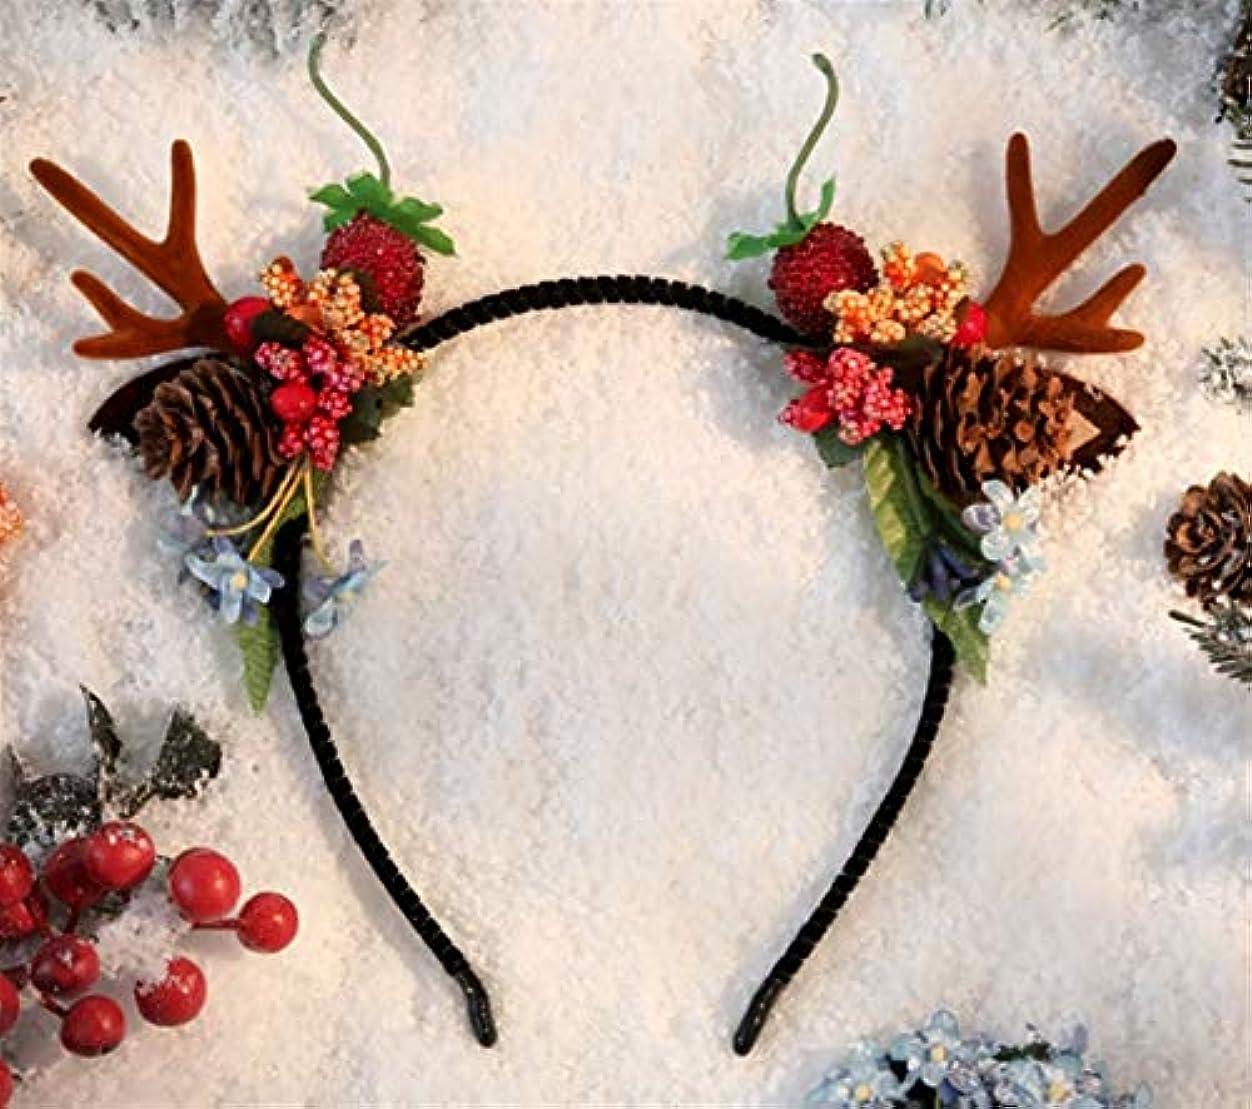 照らすやる偏見クリスマスヘアピン装身具アントラーズ頭飾りセンエルフスーパー妖精のヘッドバンドクリップヘアアクセサリー大人のヘアピンヘッドバンド (Style : E)